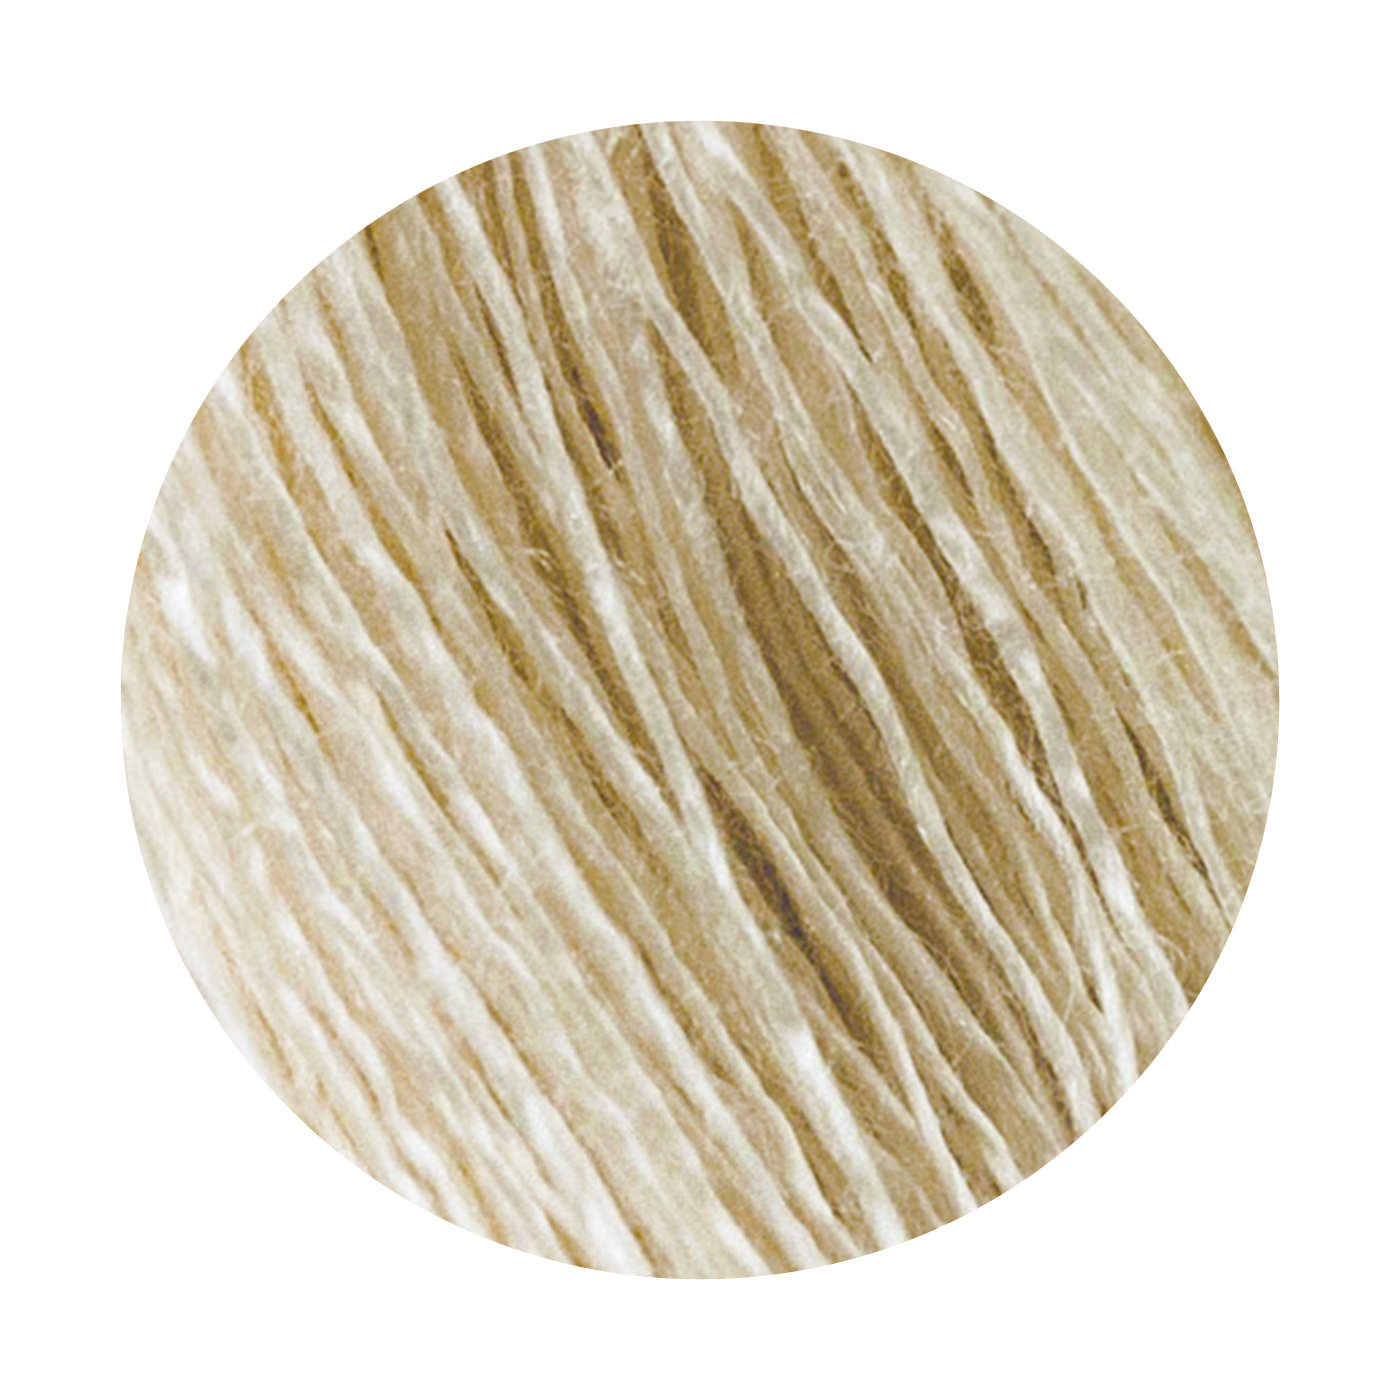 長い繊維で滑らかさが特長の「絹紡糸」を使用しました。